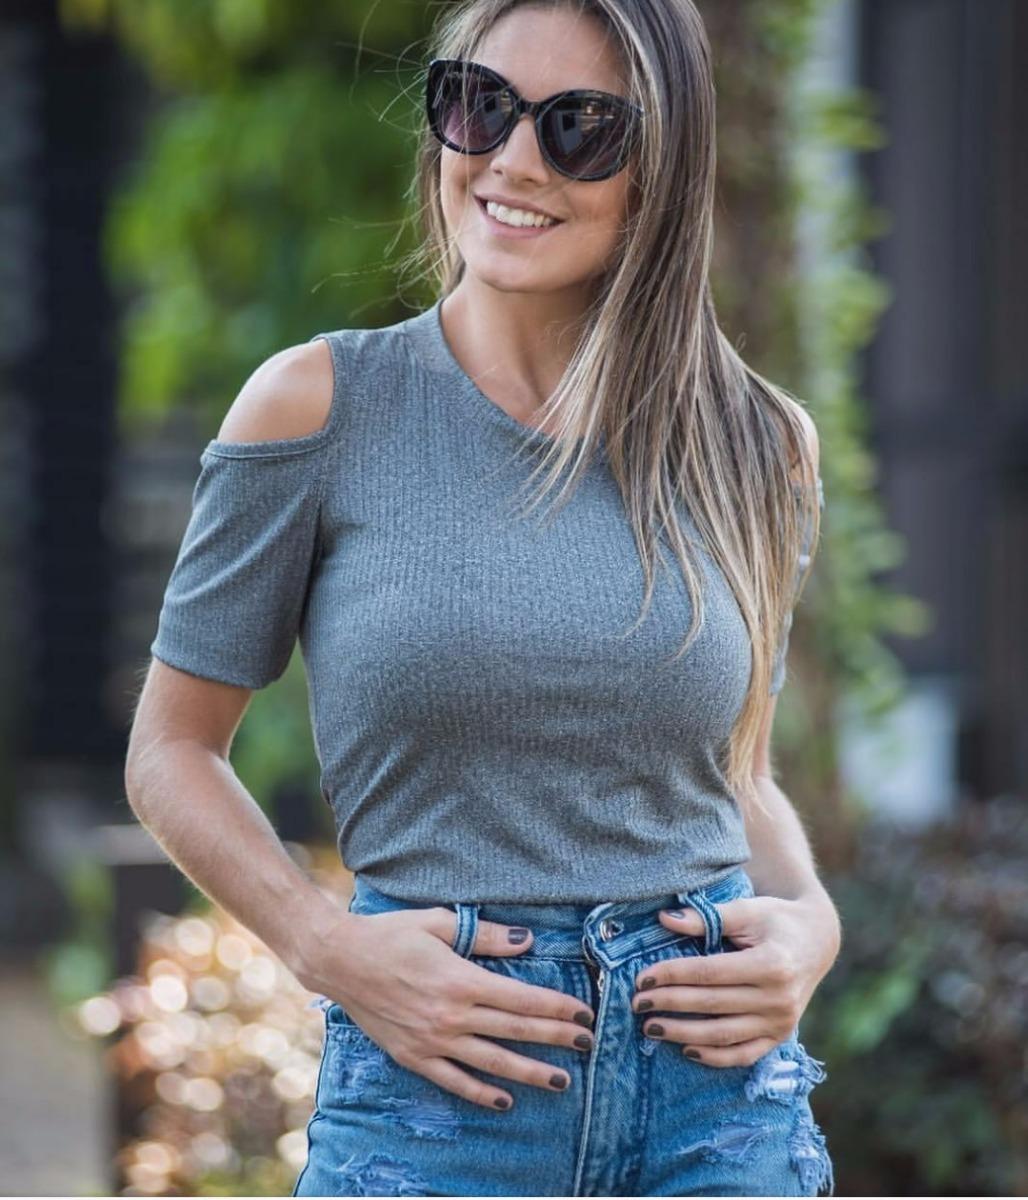 ddb09cda2 blusa feminina ombro vazado aberto verão 2018 moda instagram. Carregando  zoom.